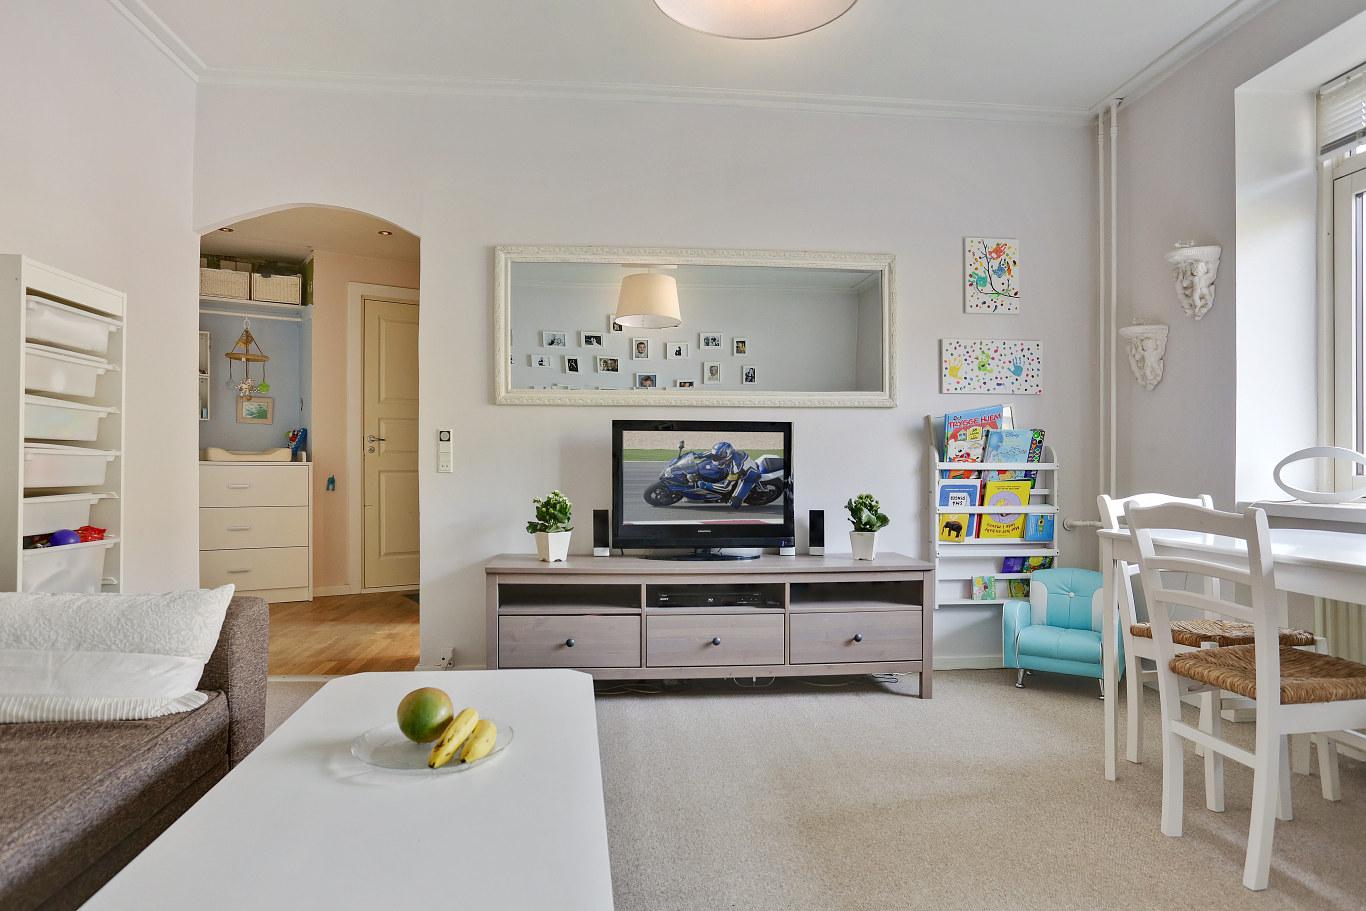 La realidad de los pisos peque os en los pa ses n rdicos for Ideas de decoracion para departamentos pequenos